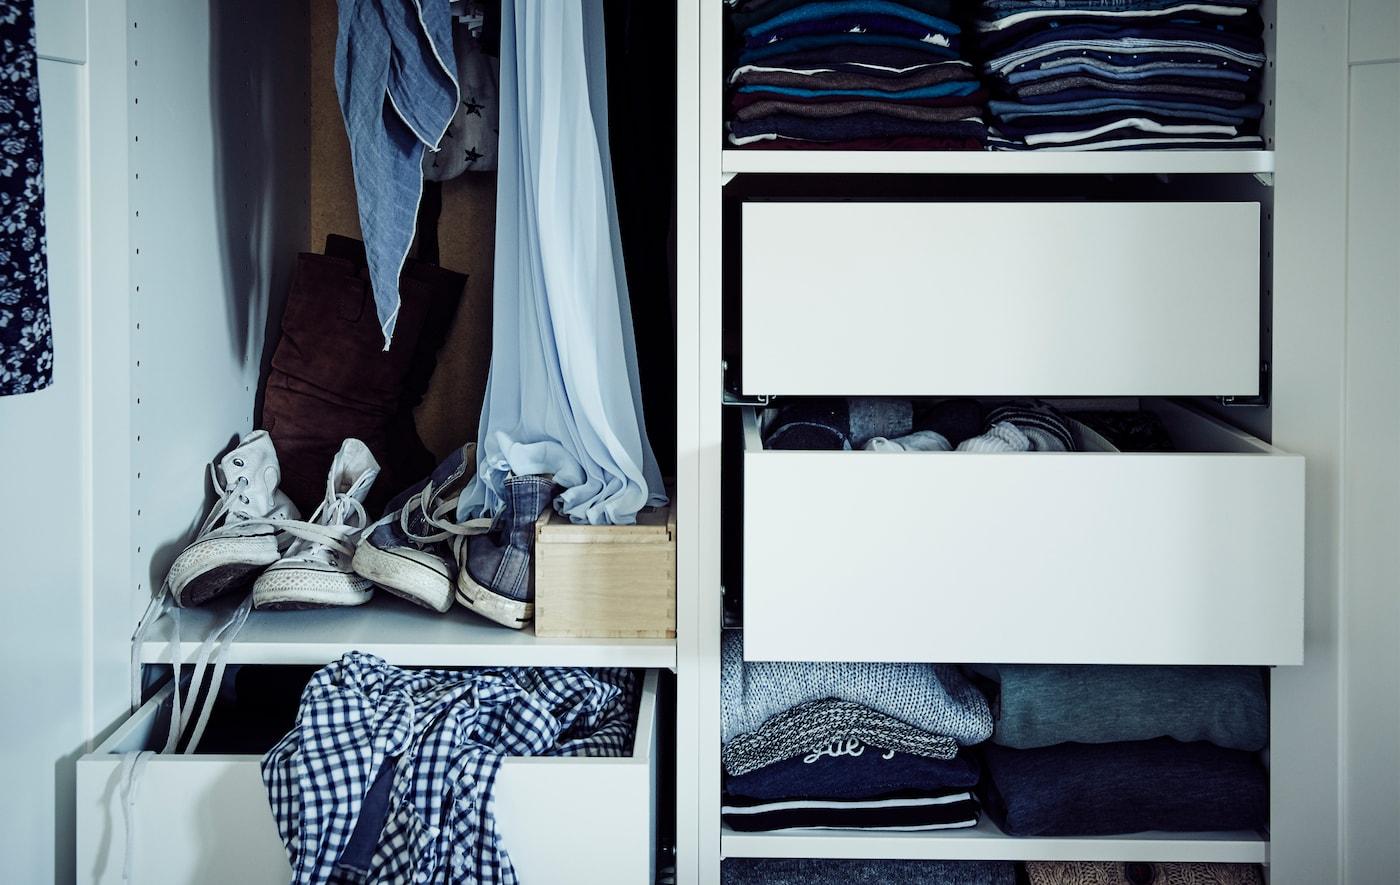 Idee Per Organizzare Il Guardaroba Pax Ikea